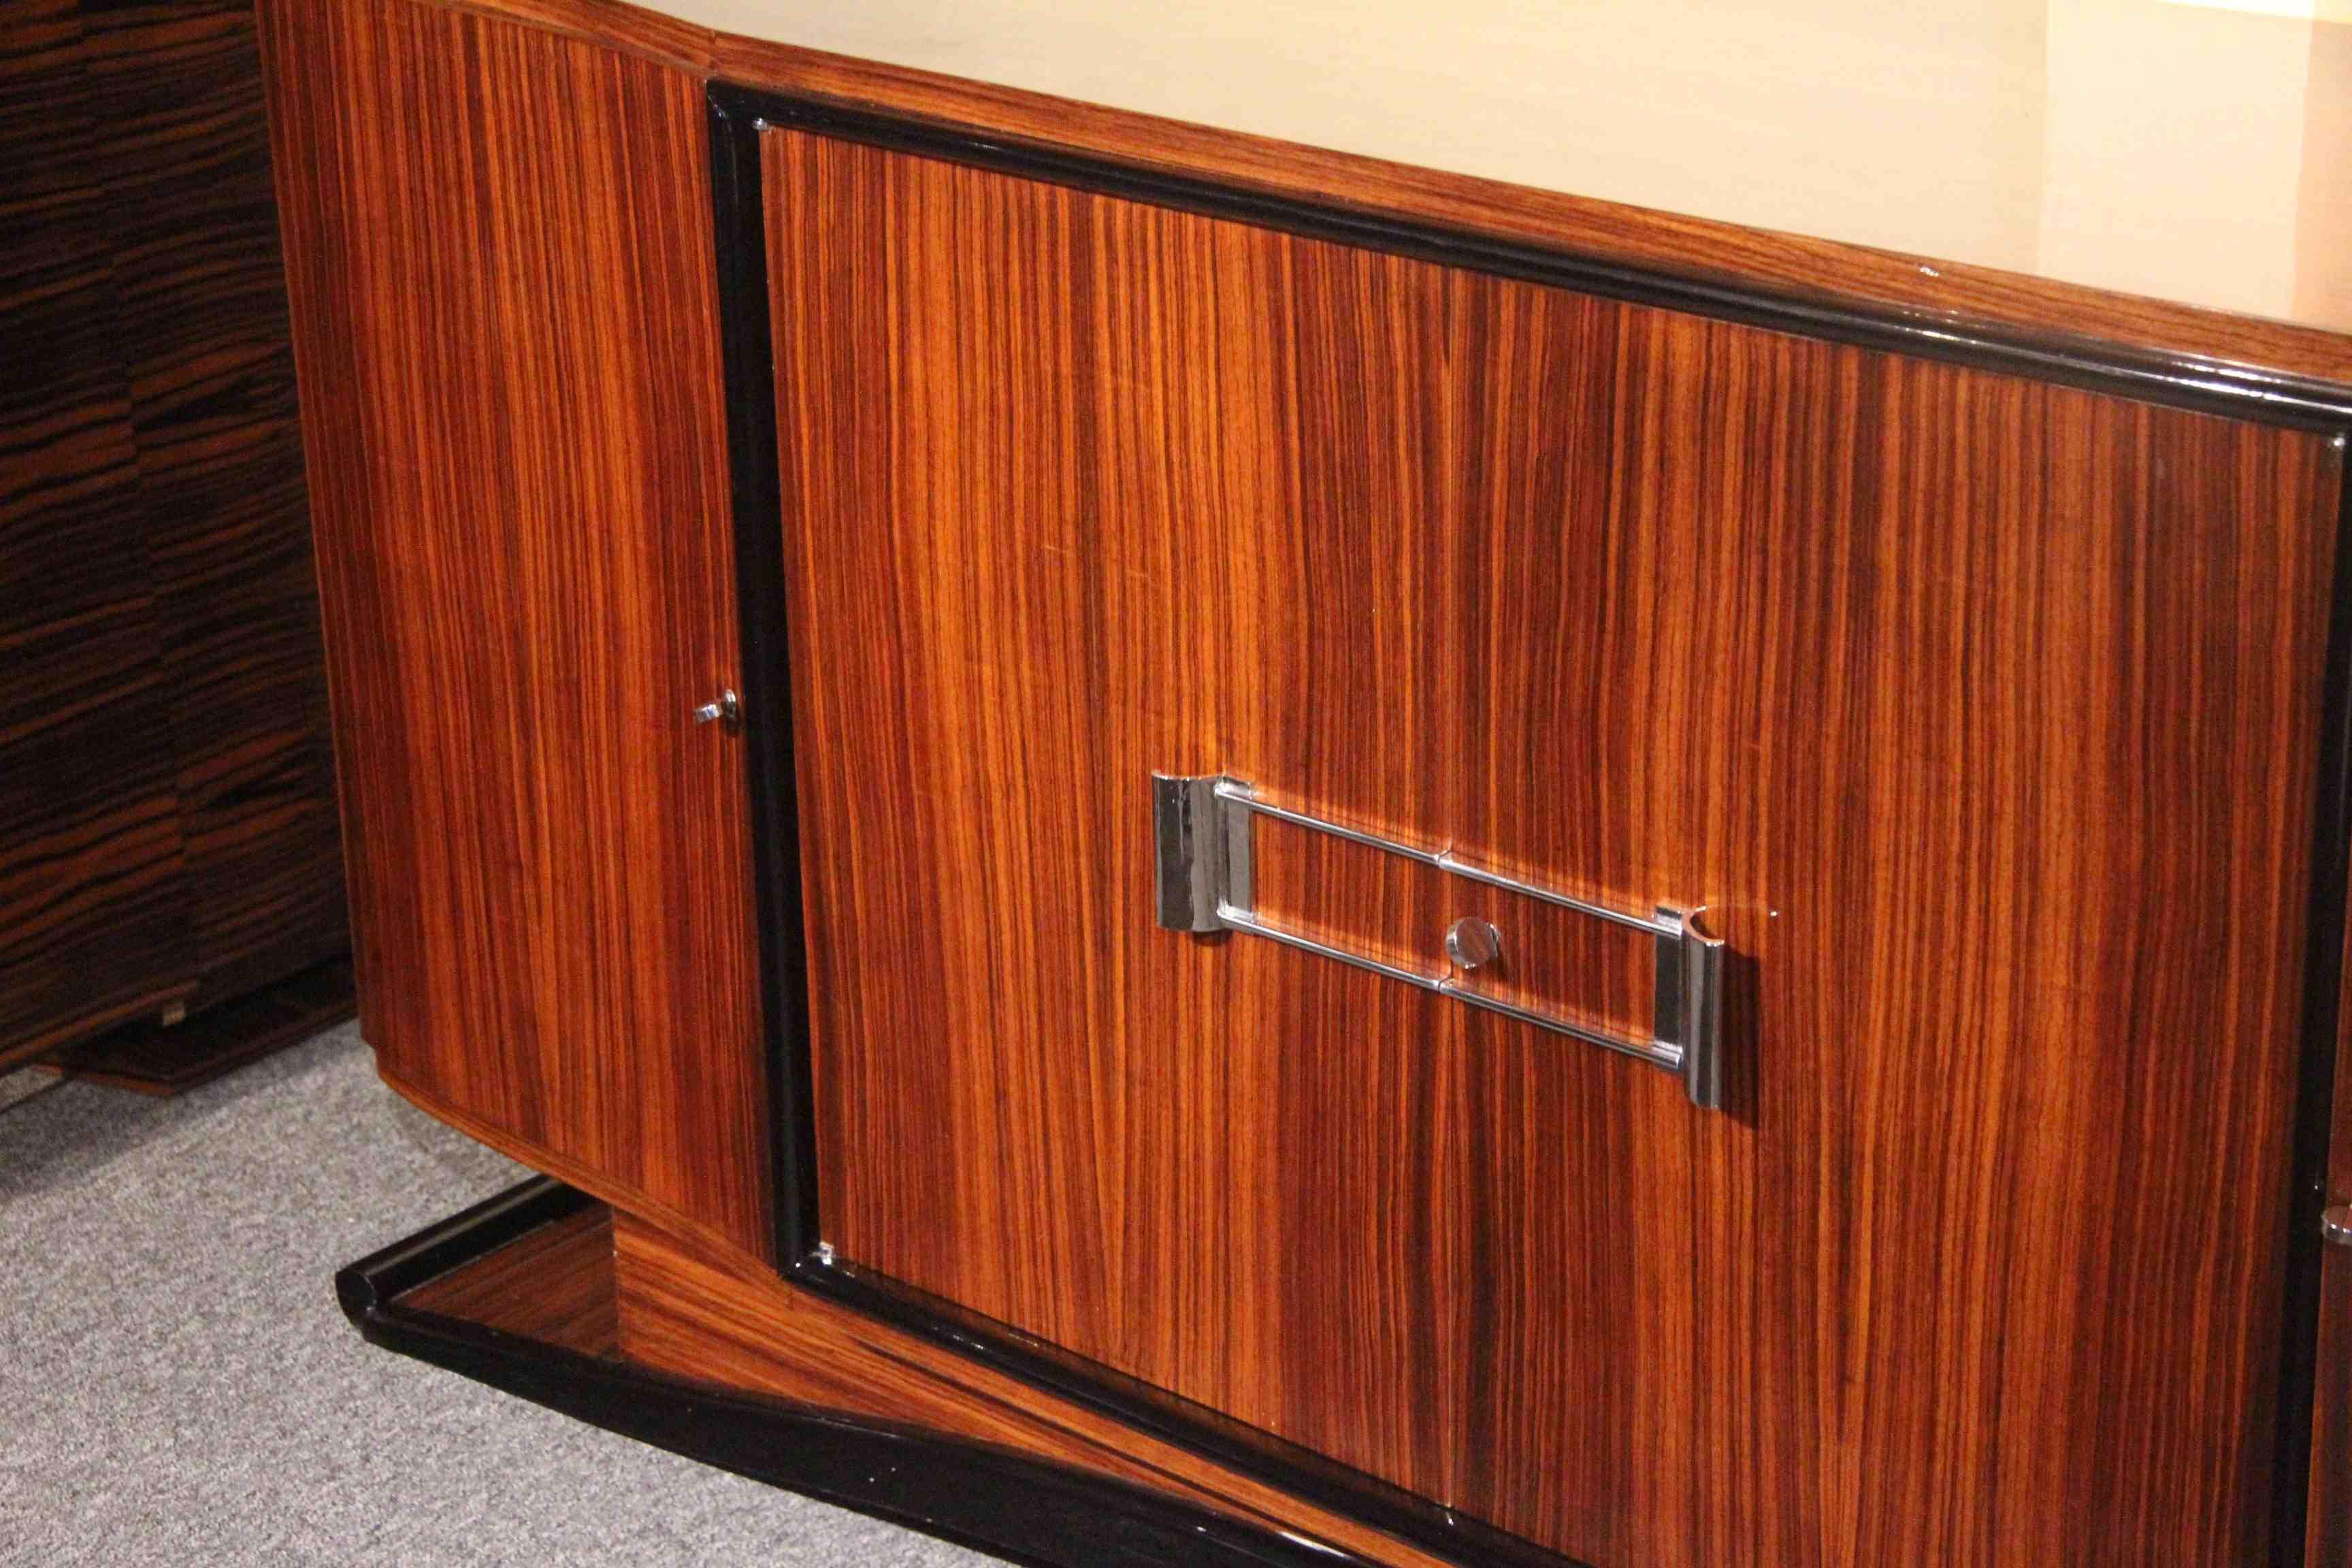 salle manger art deco en palissandre des indes ref sam 2. Black Bedroom Furniture Sets. Home Design Ideas